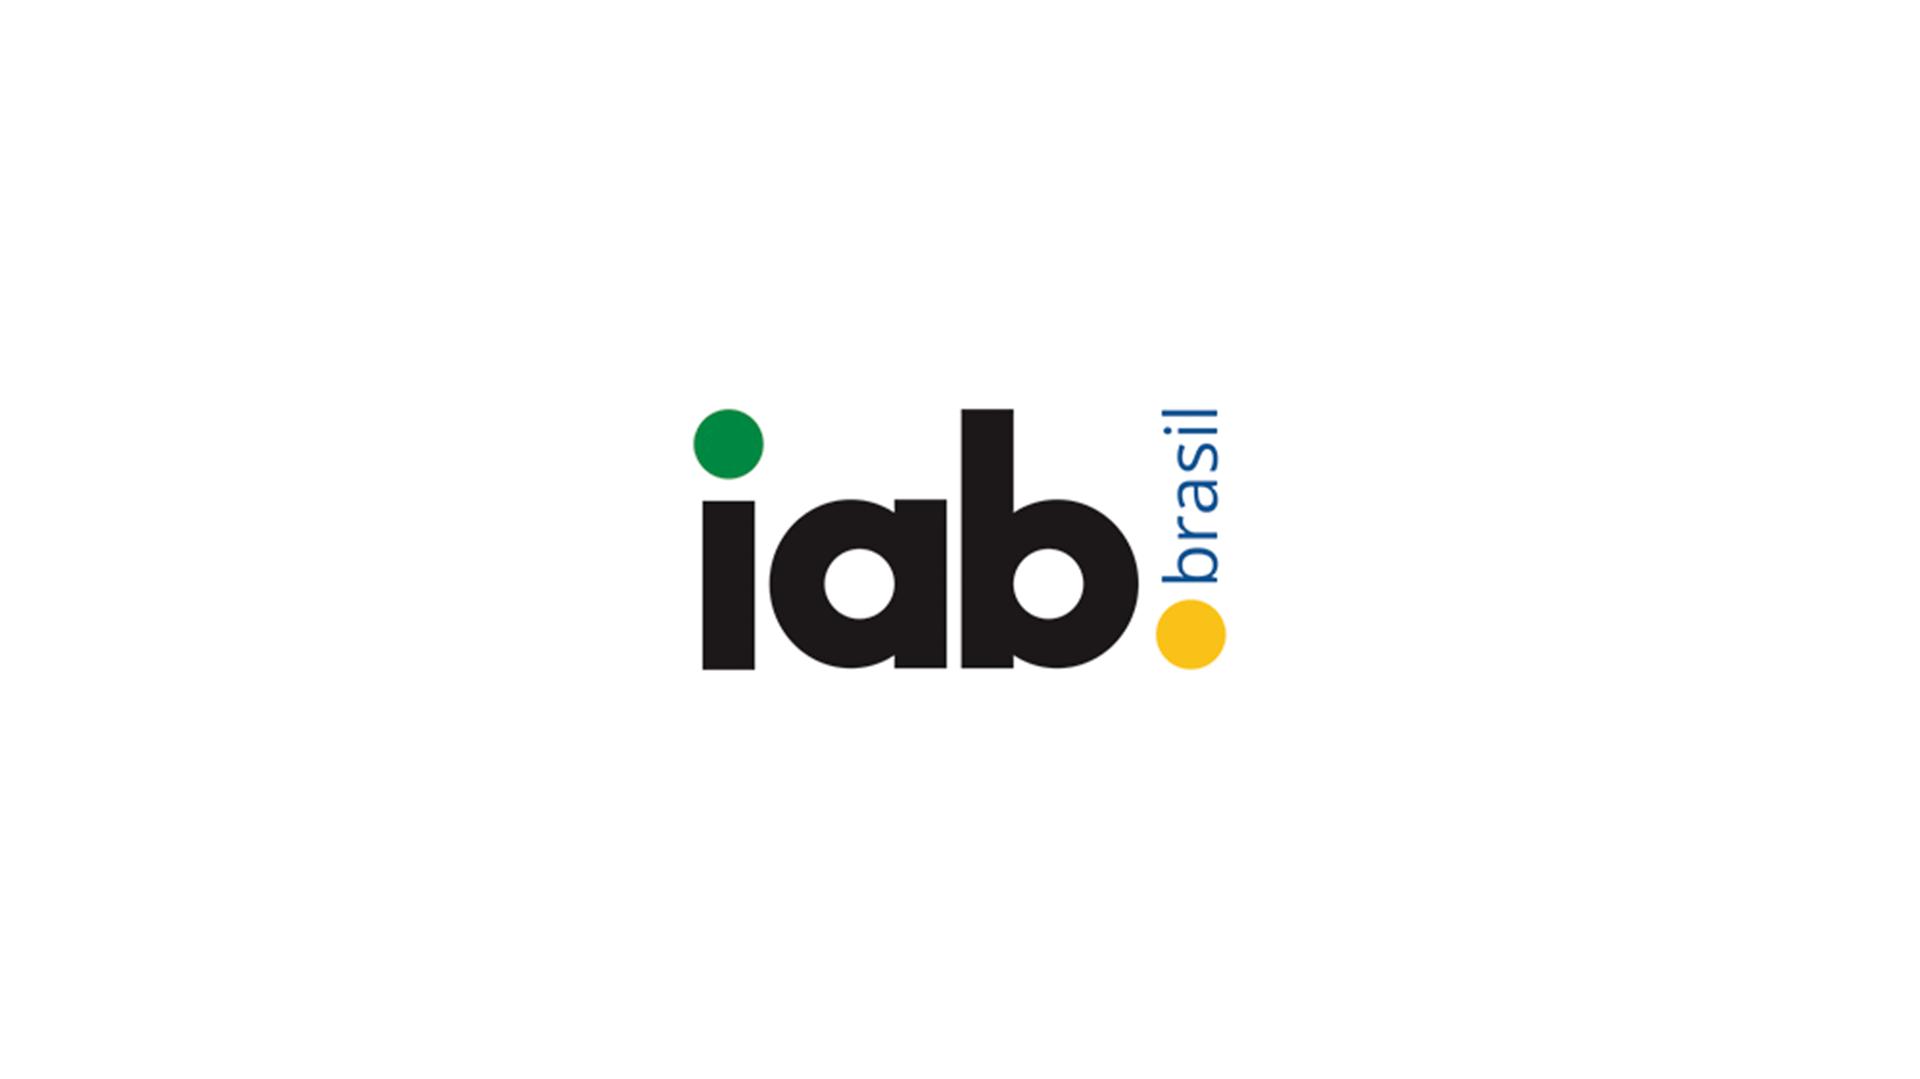 A Alright anuncia associação ao IAB, entidade de boas práticas de publicidade na Web